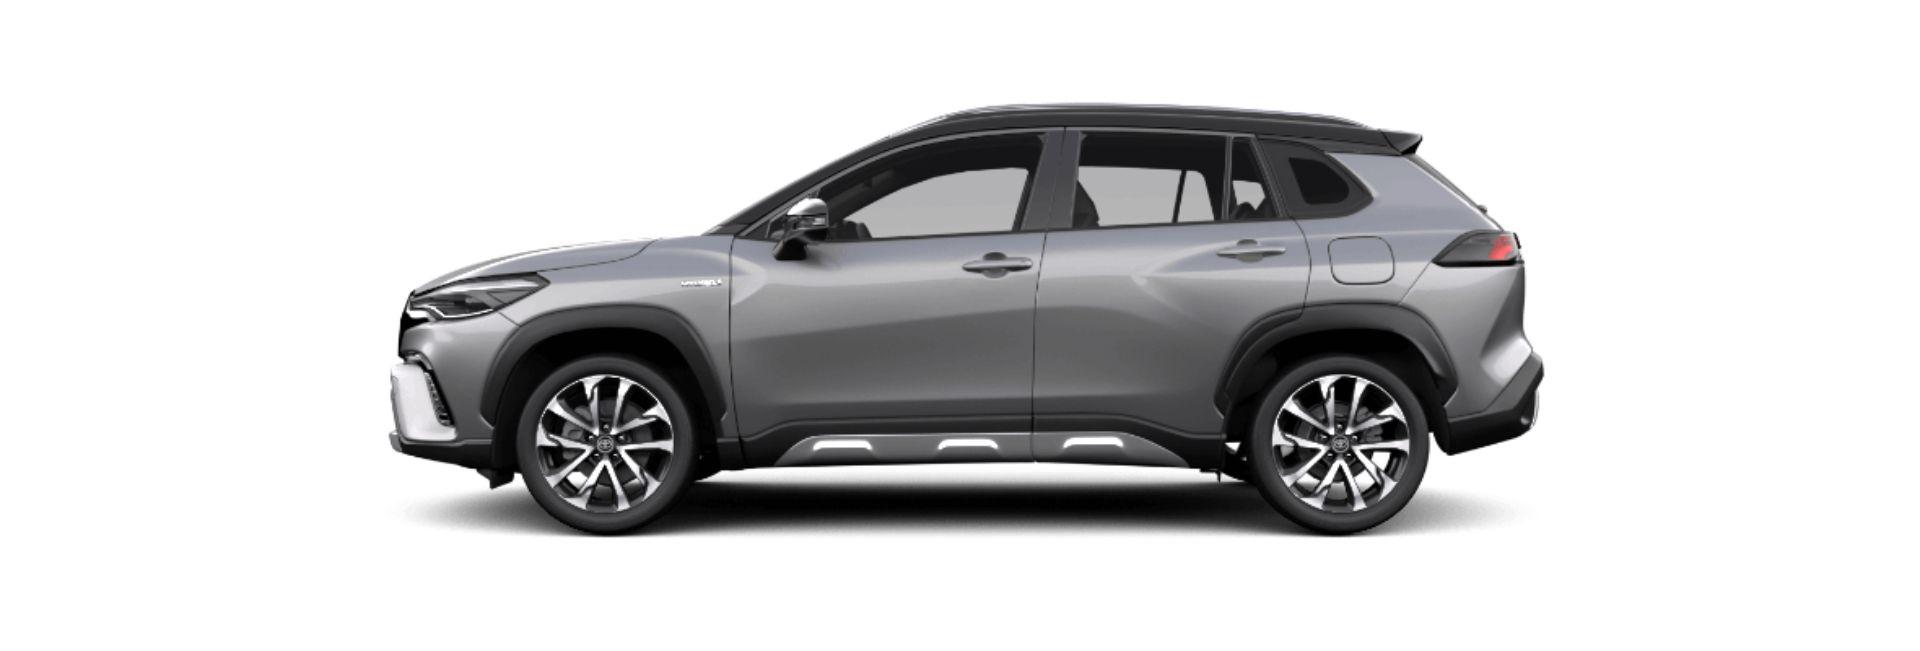 Toyota-Corolla-Cross-GR-Sport-6